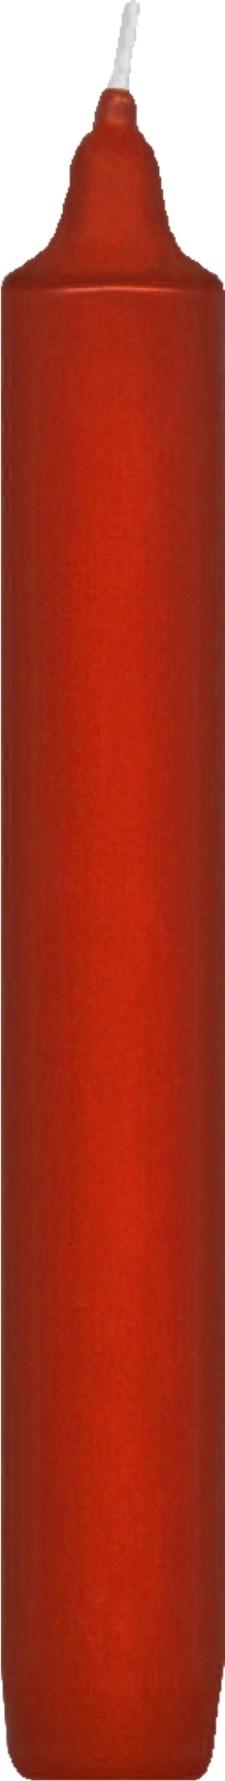 Svíčka rovná 17 cm červená,